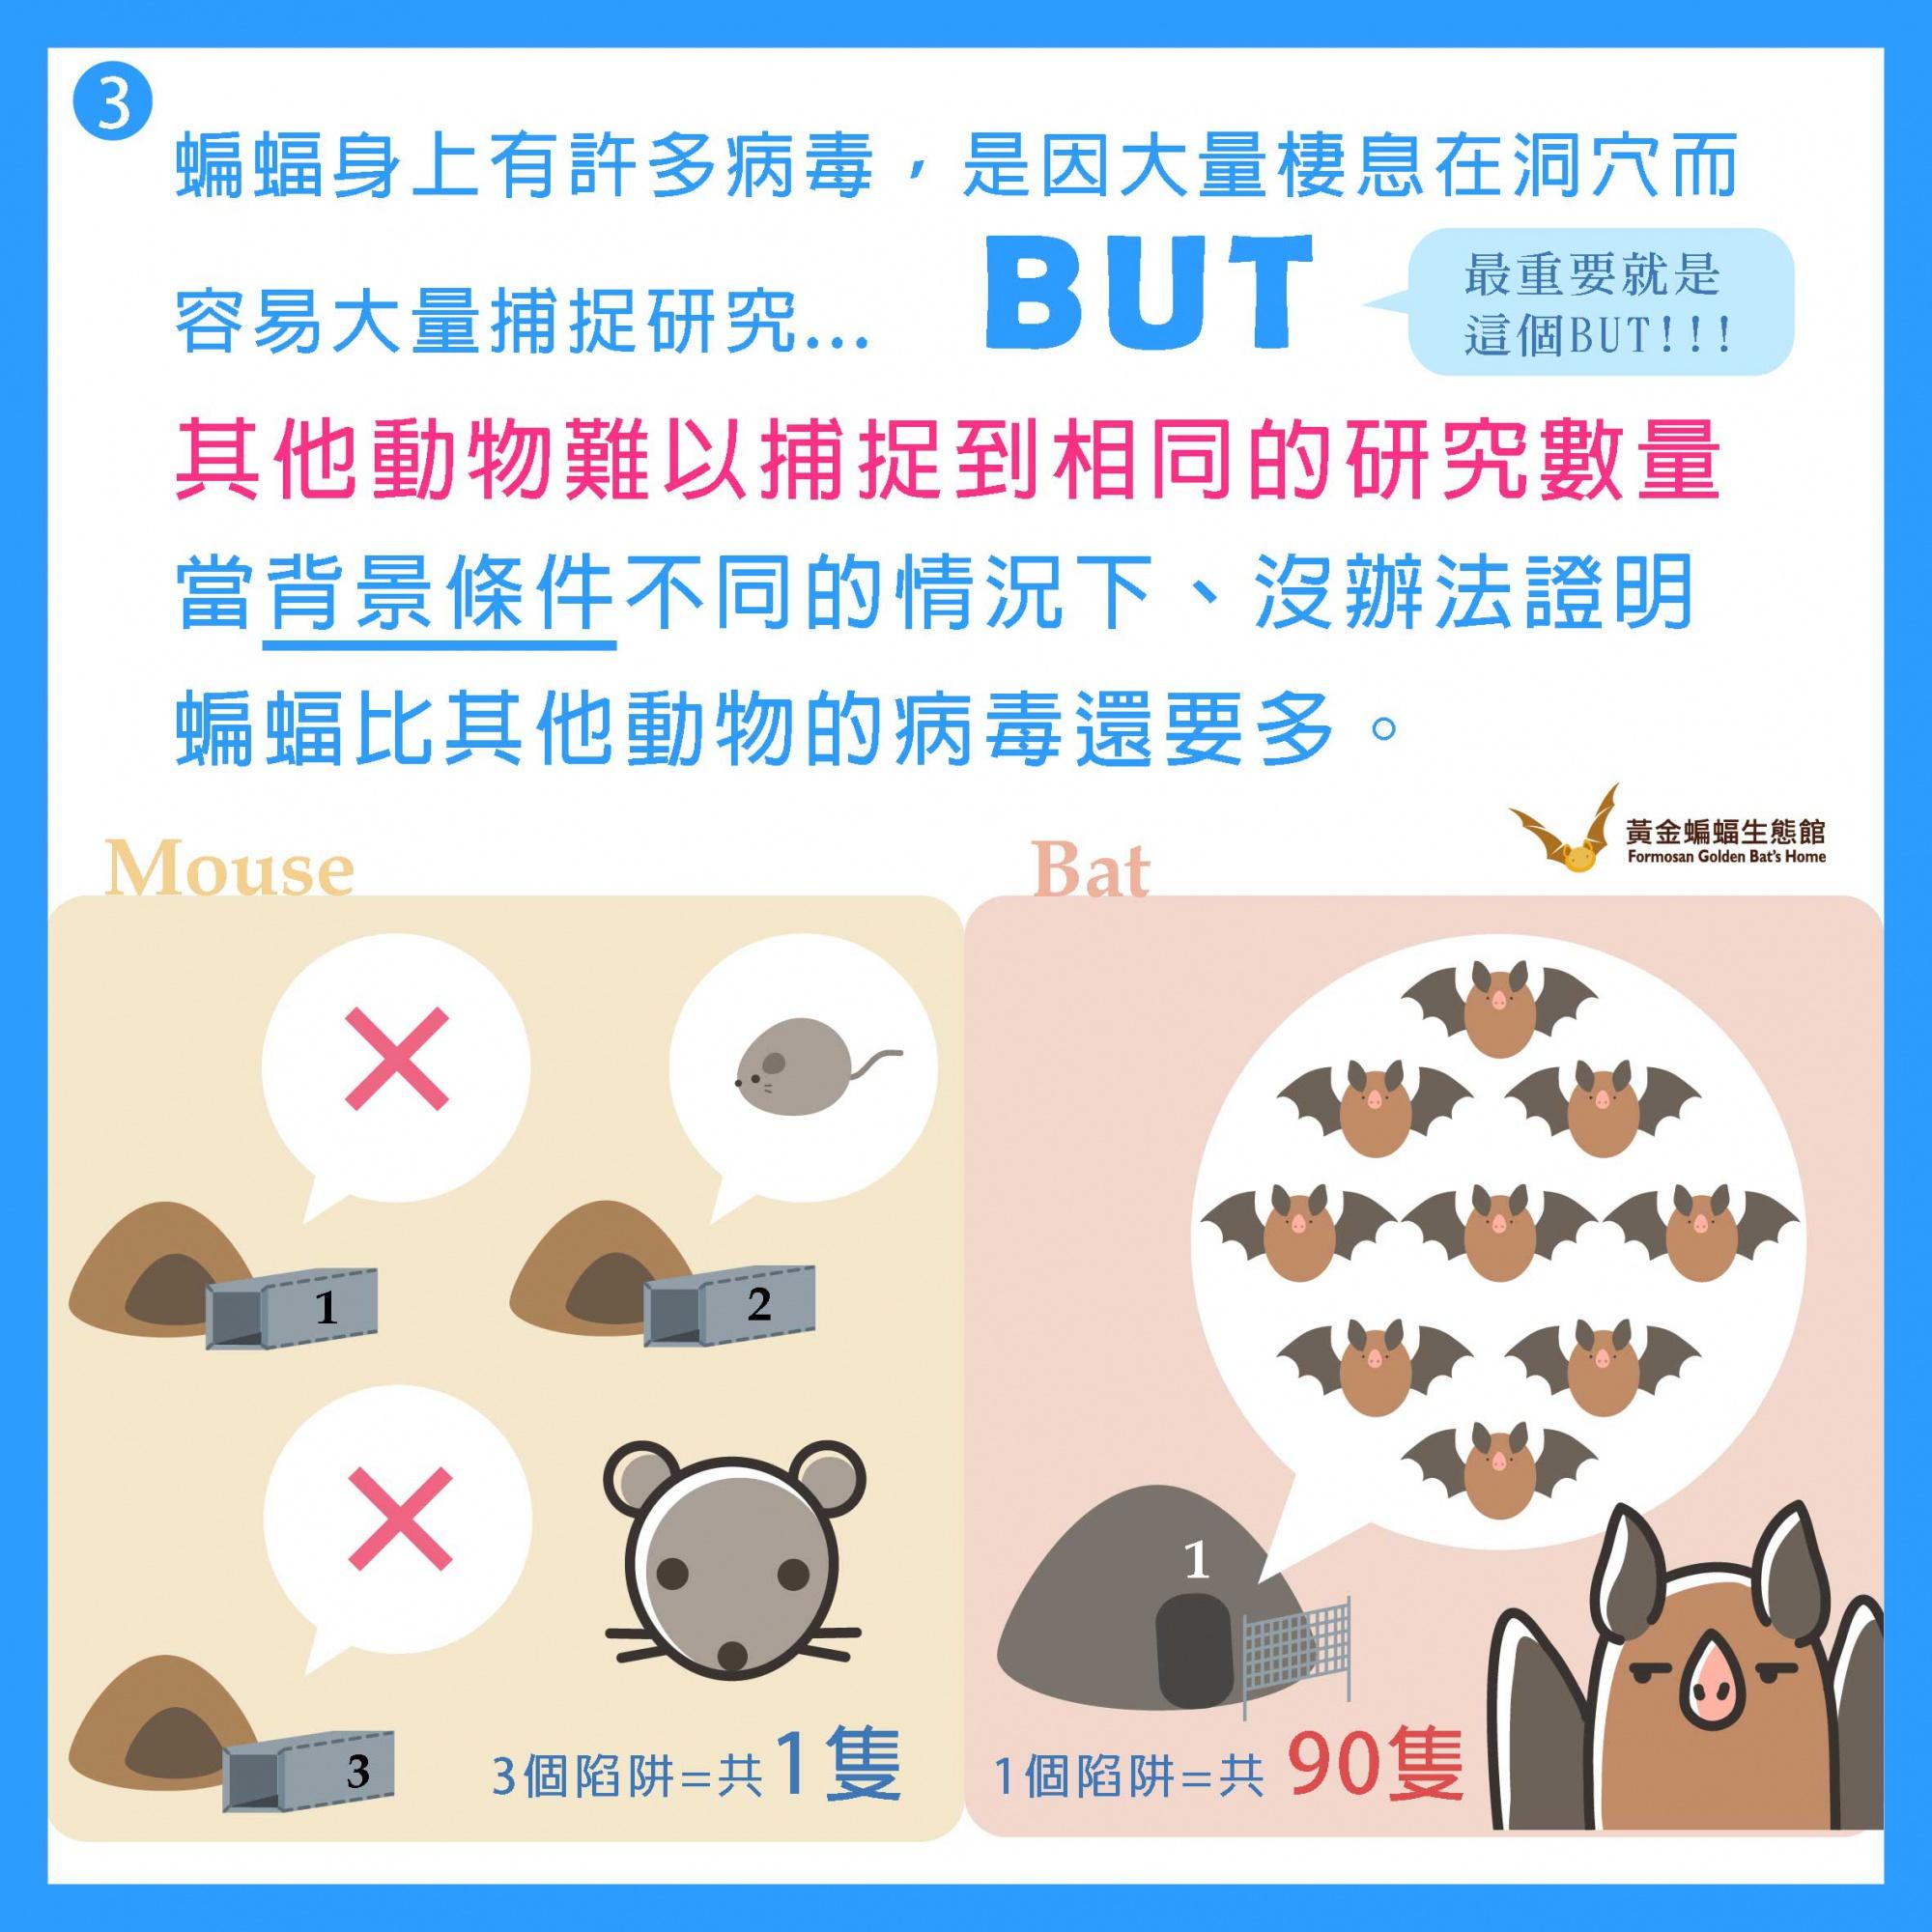 懶人包2 (4).jpg